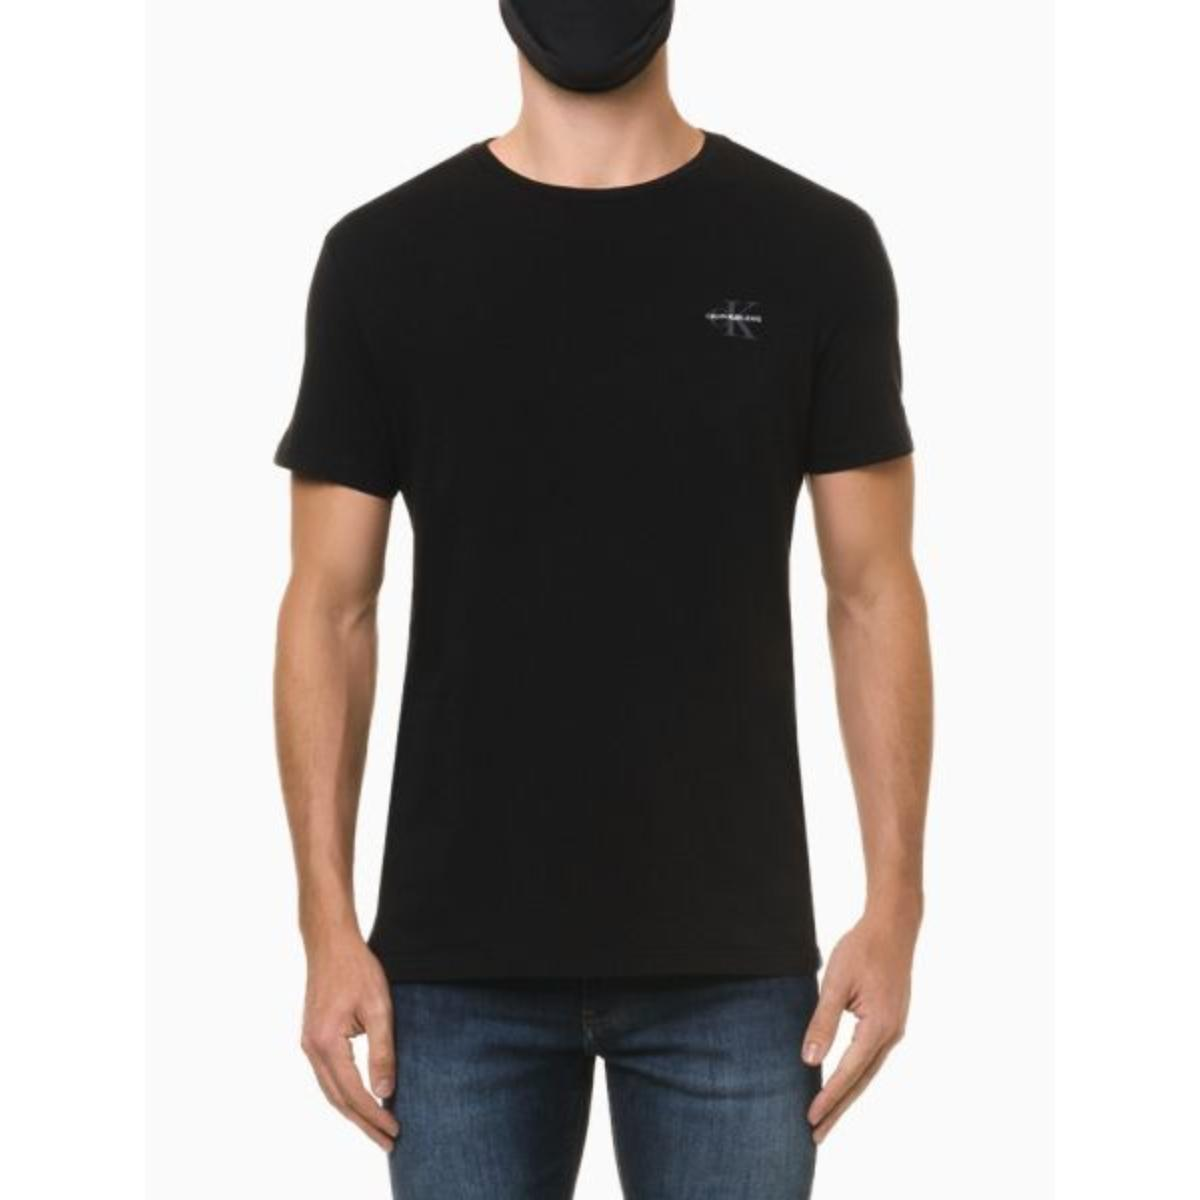 Camiseta Masculina Calvin Klein Ckjm103 Preto